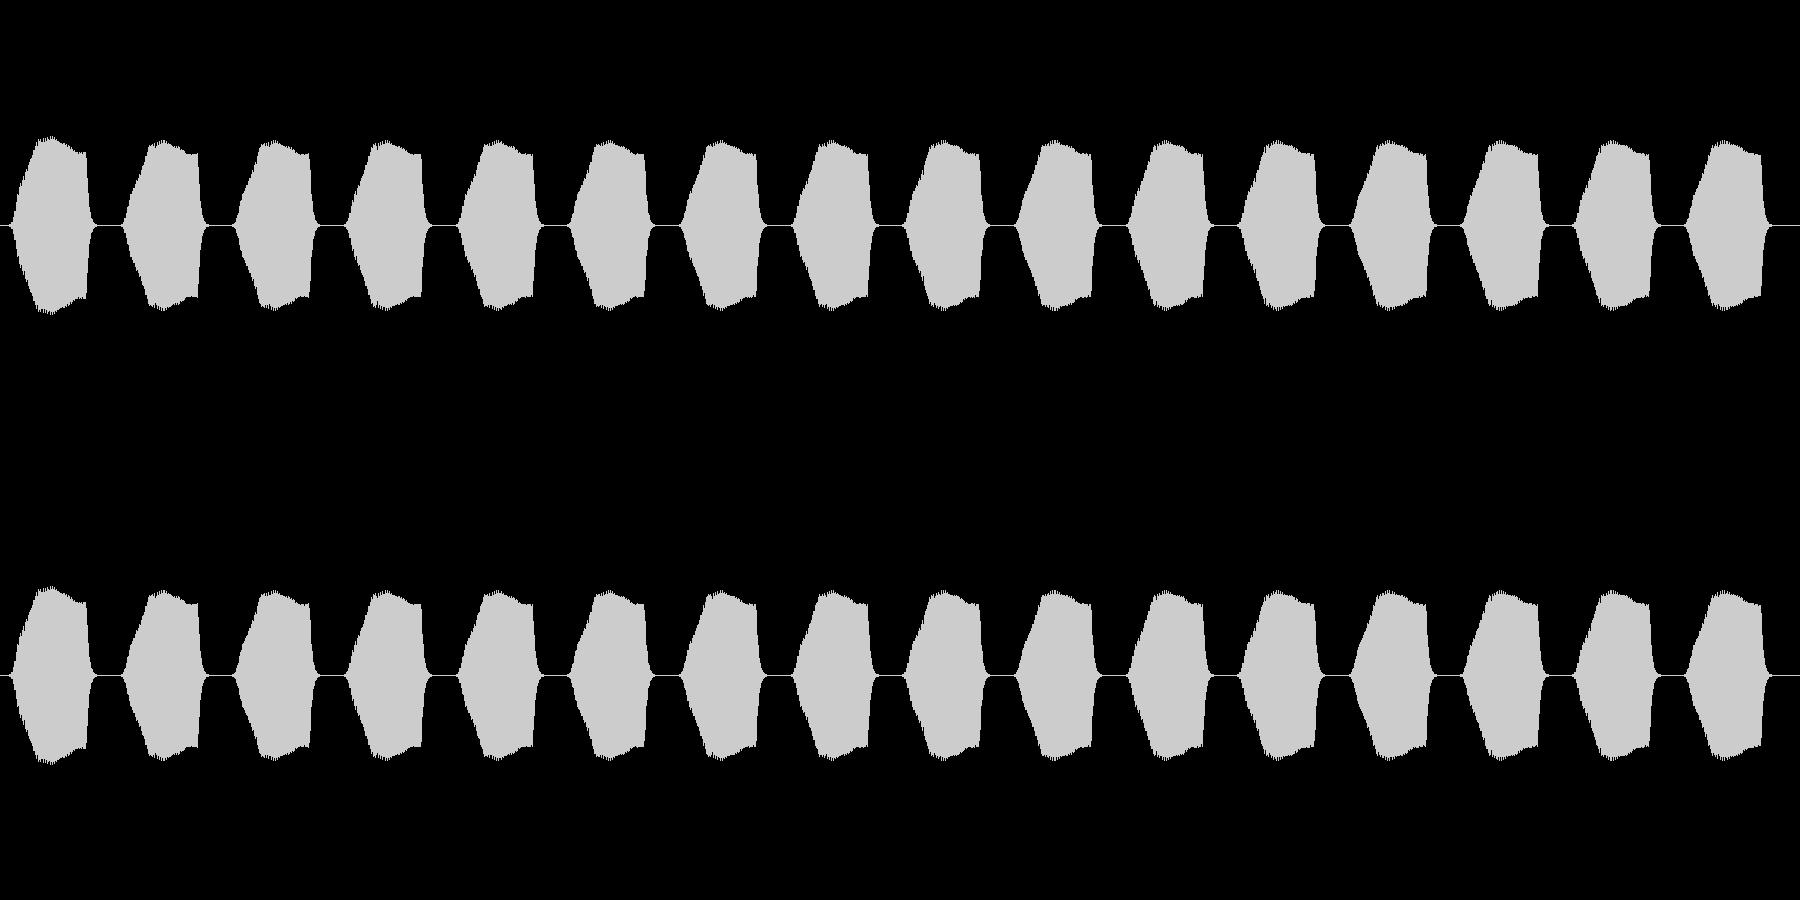 【ポップモーション08-6L】の未再生の波形